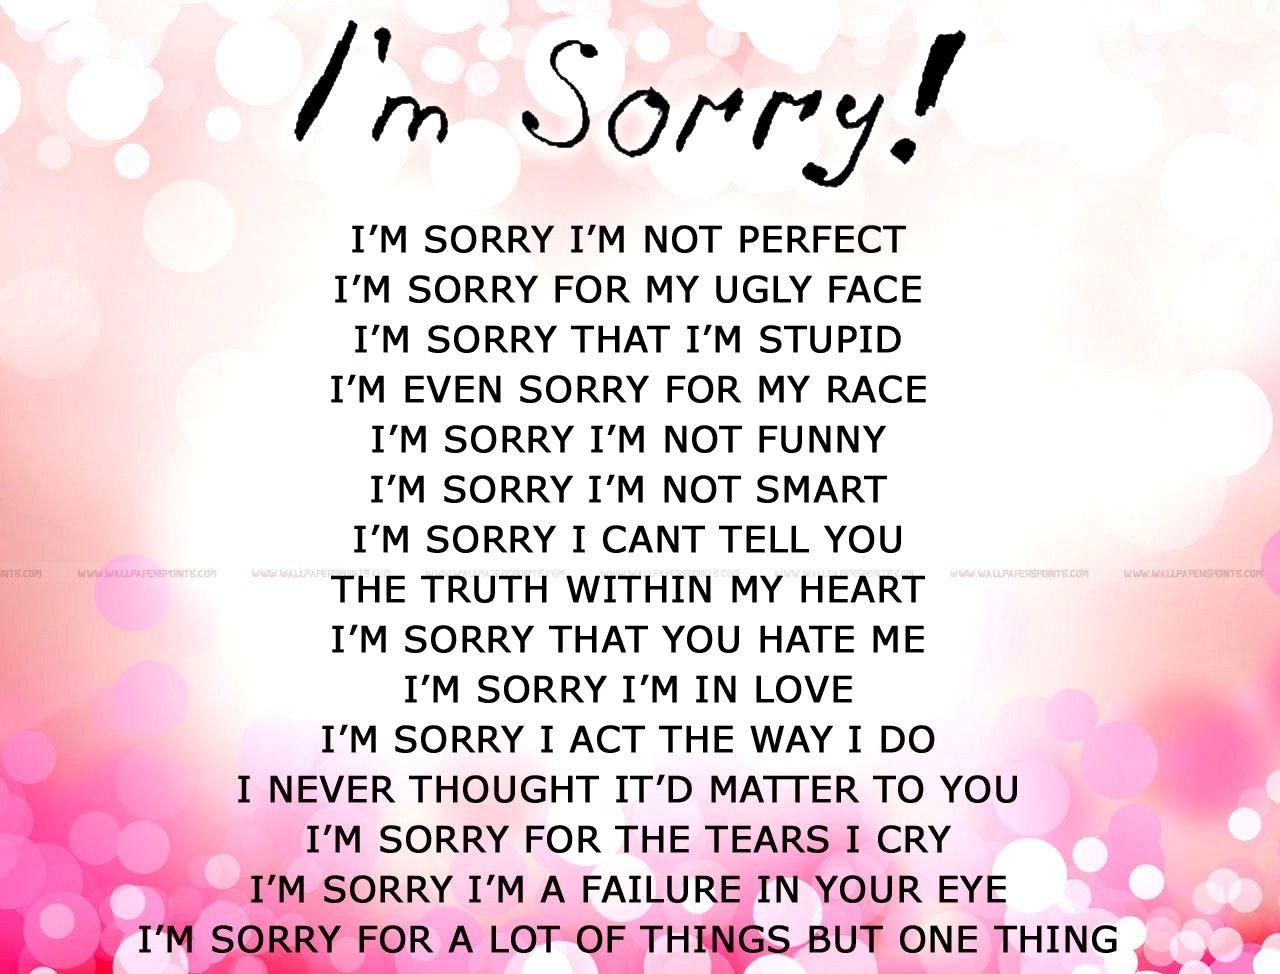 Apology Card Templates 10 Free Printable Word Pdf Apologizing Quotes Sorry Cards Apology Cards